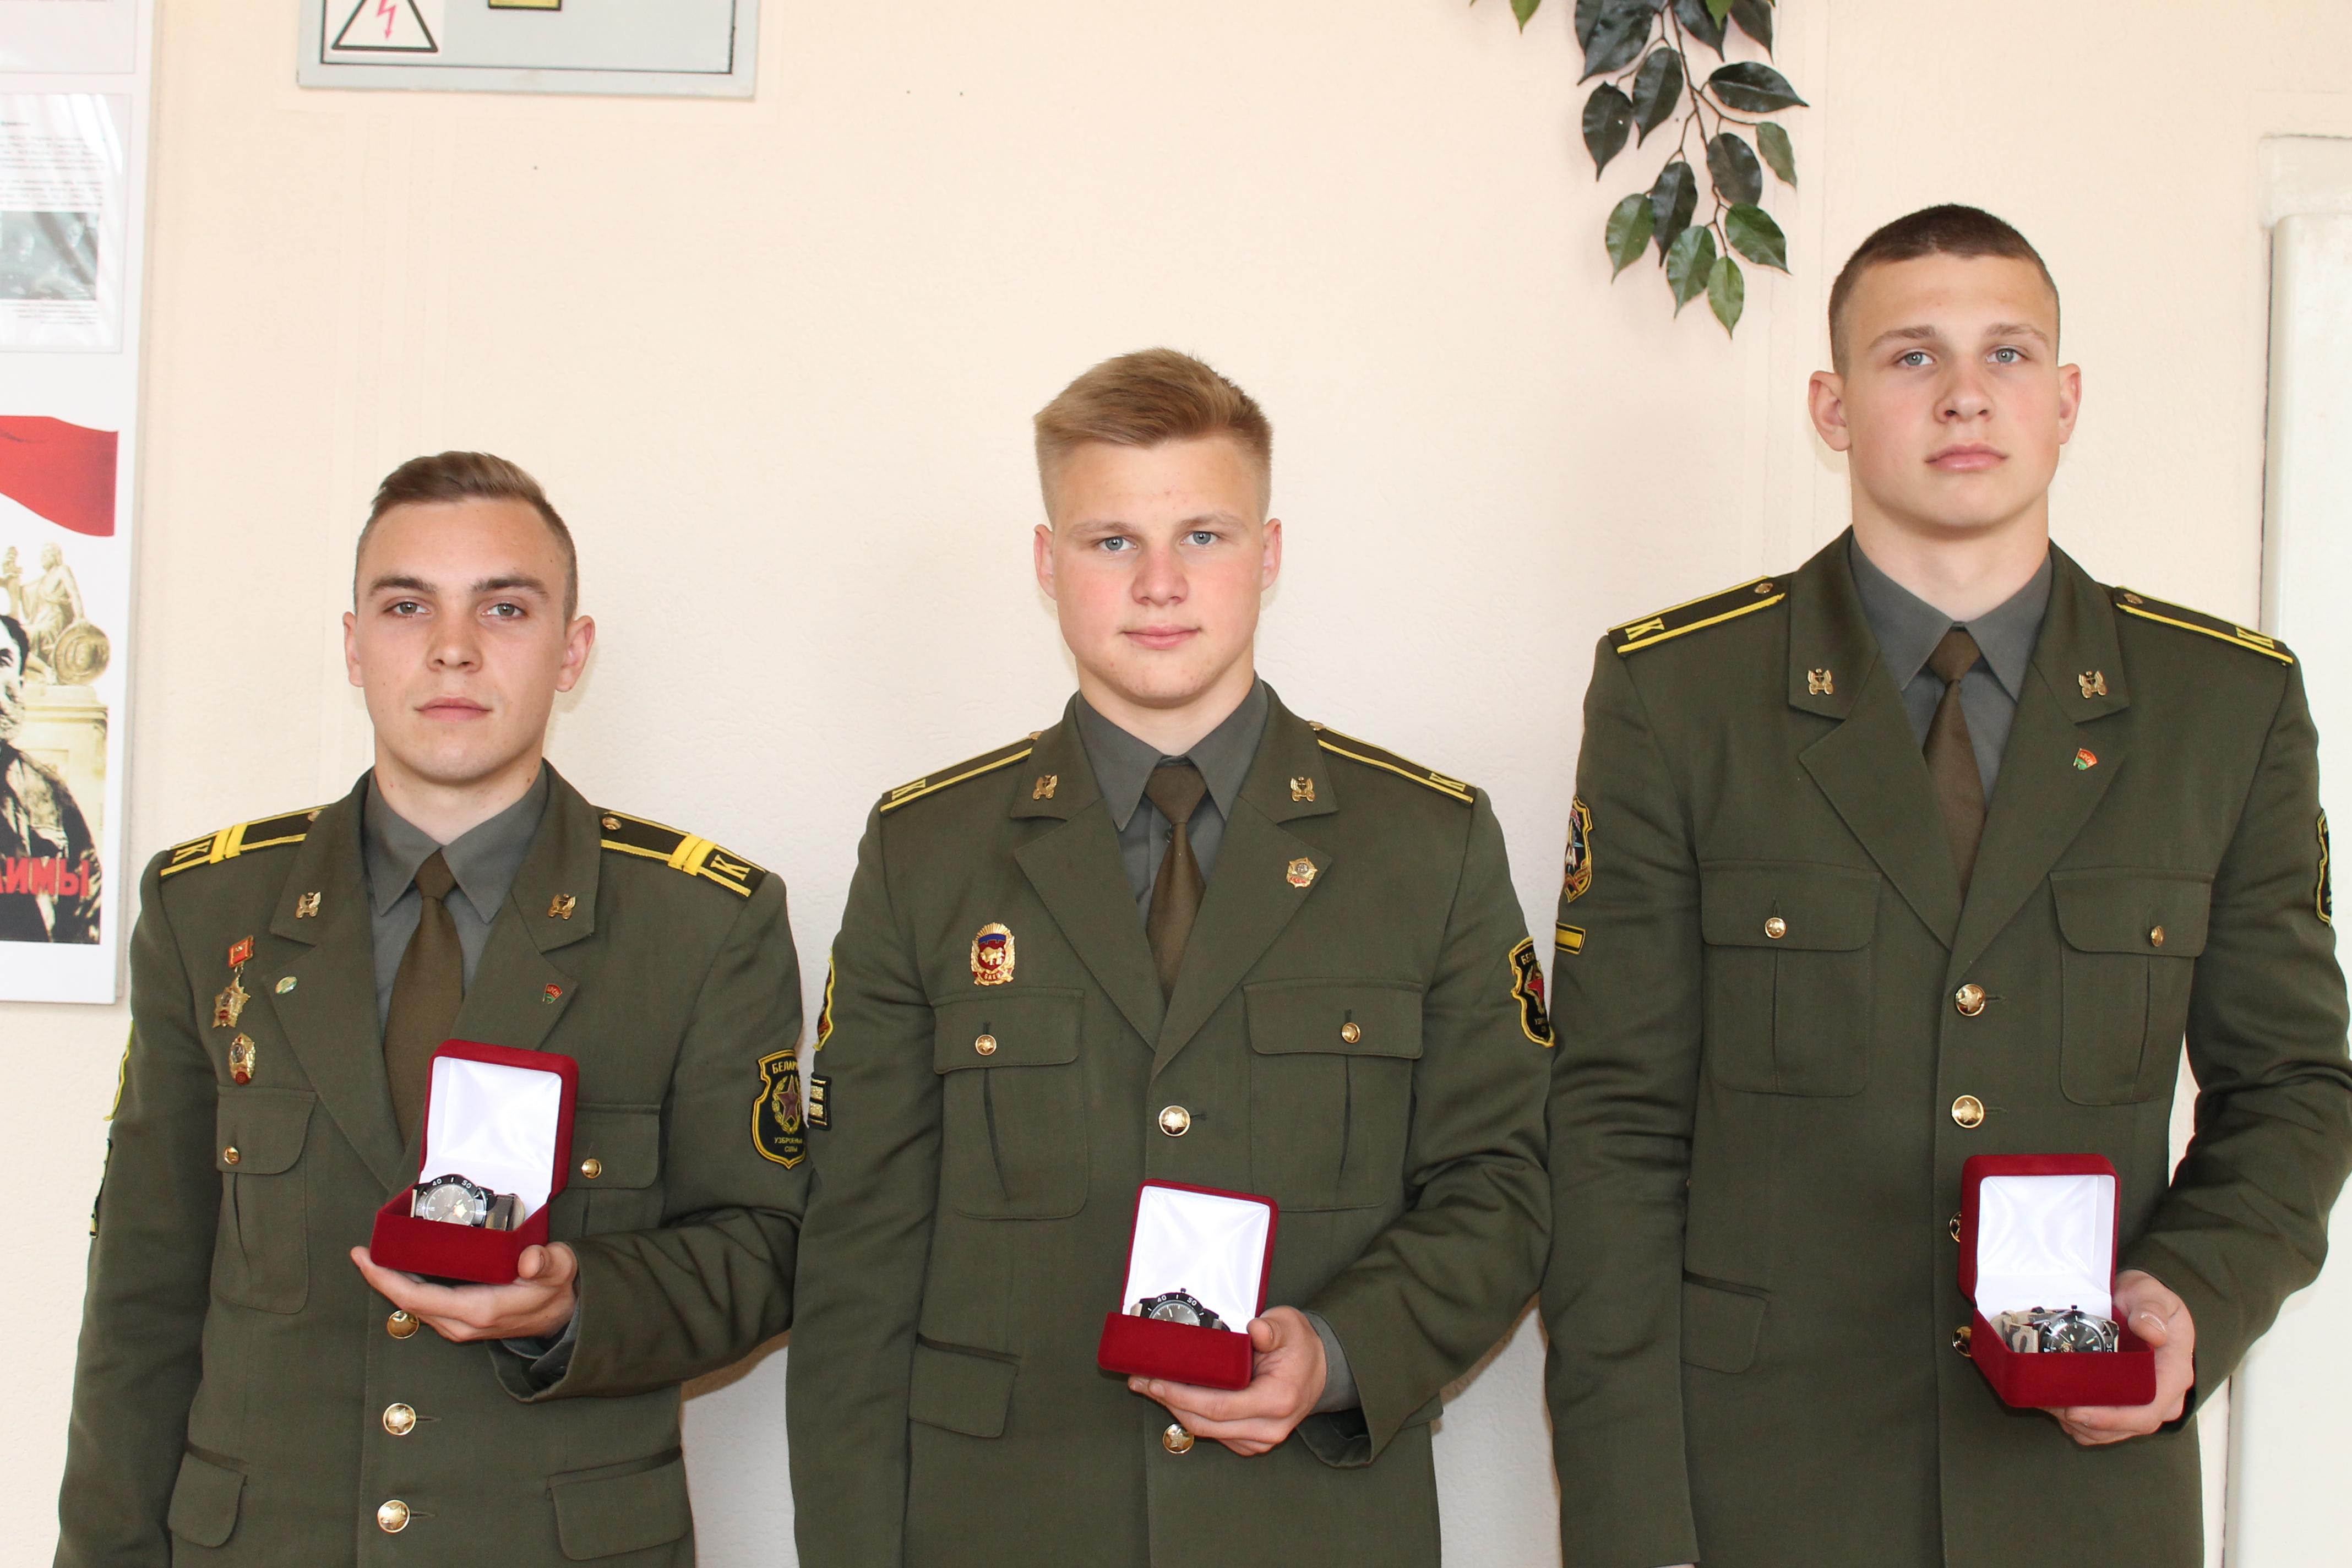 общее фотографирование военнослужащих военно-технического  факультета в БНТУ по гиревому спорту